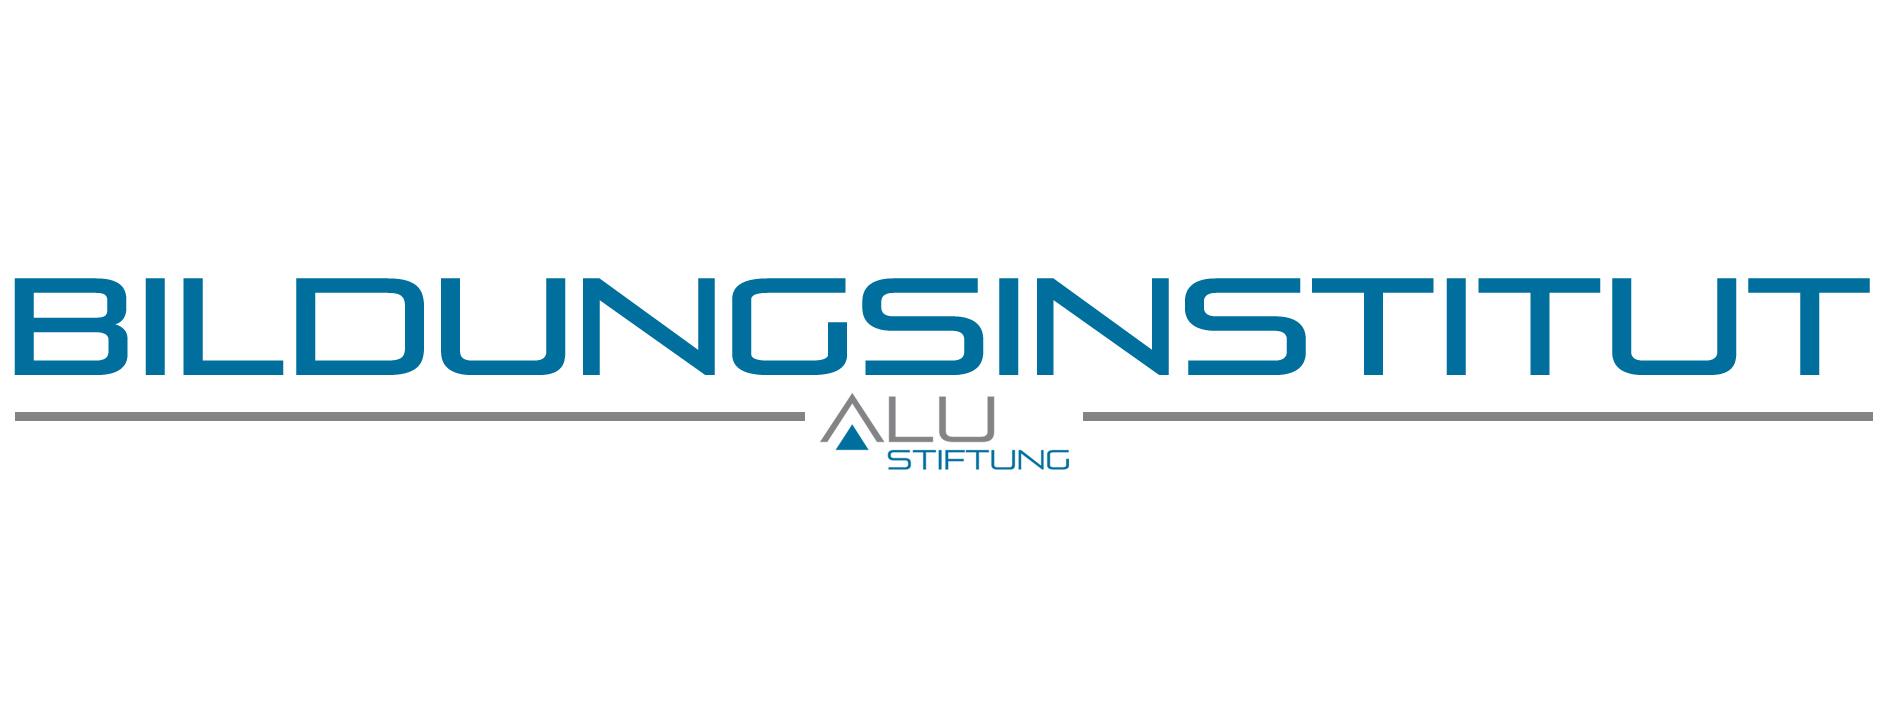 ALU-Stiftung GmbH